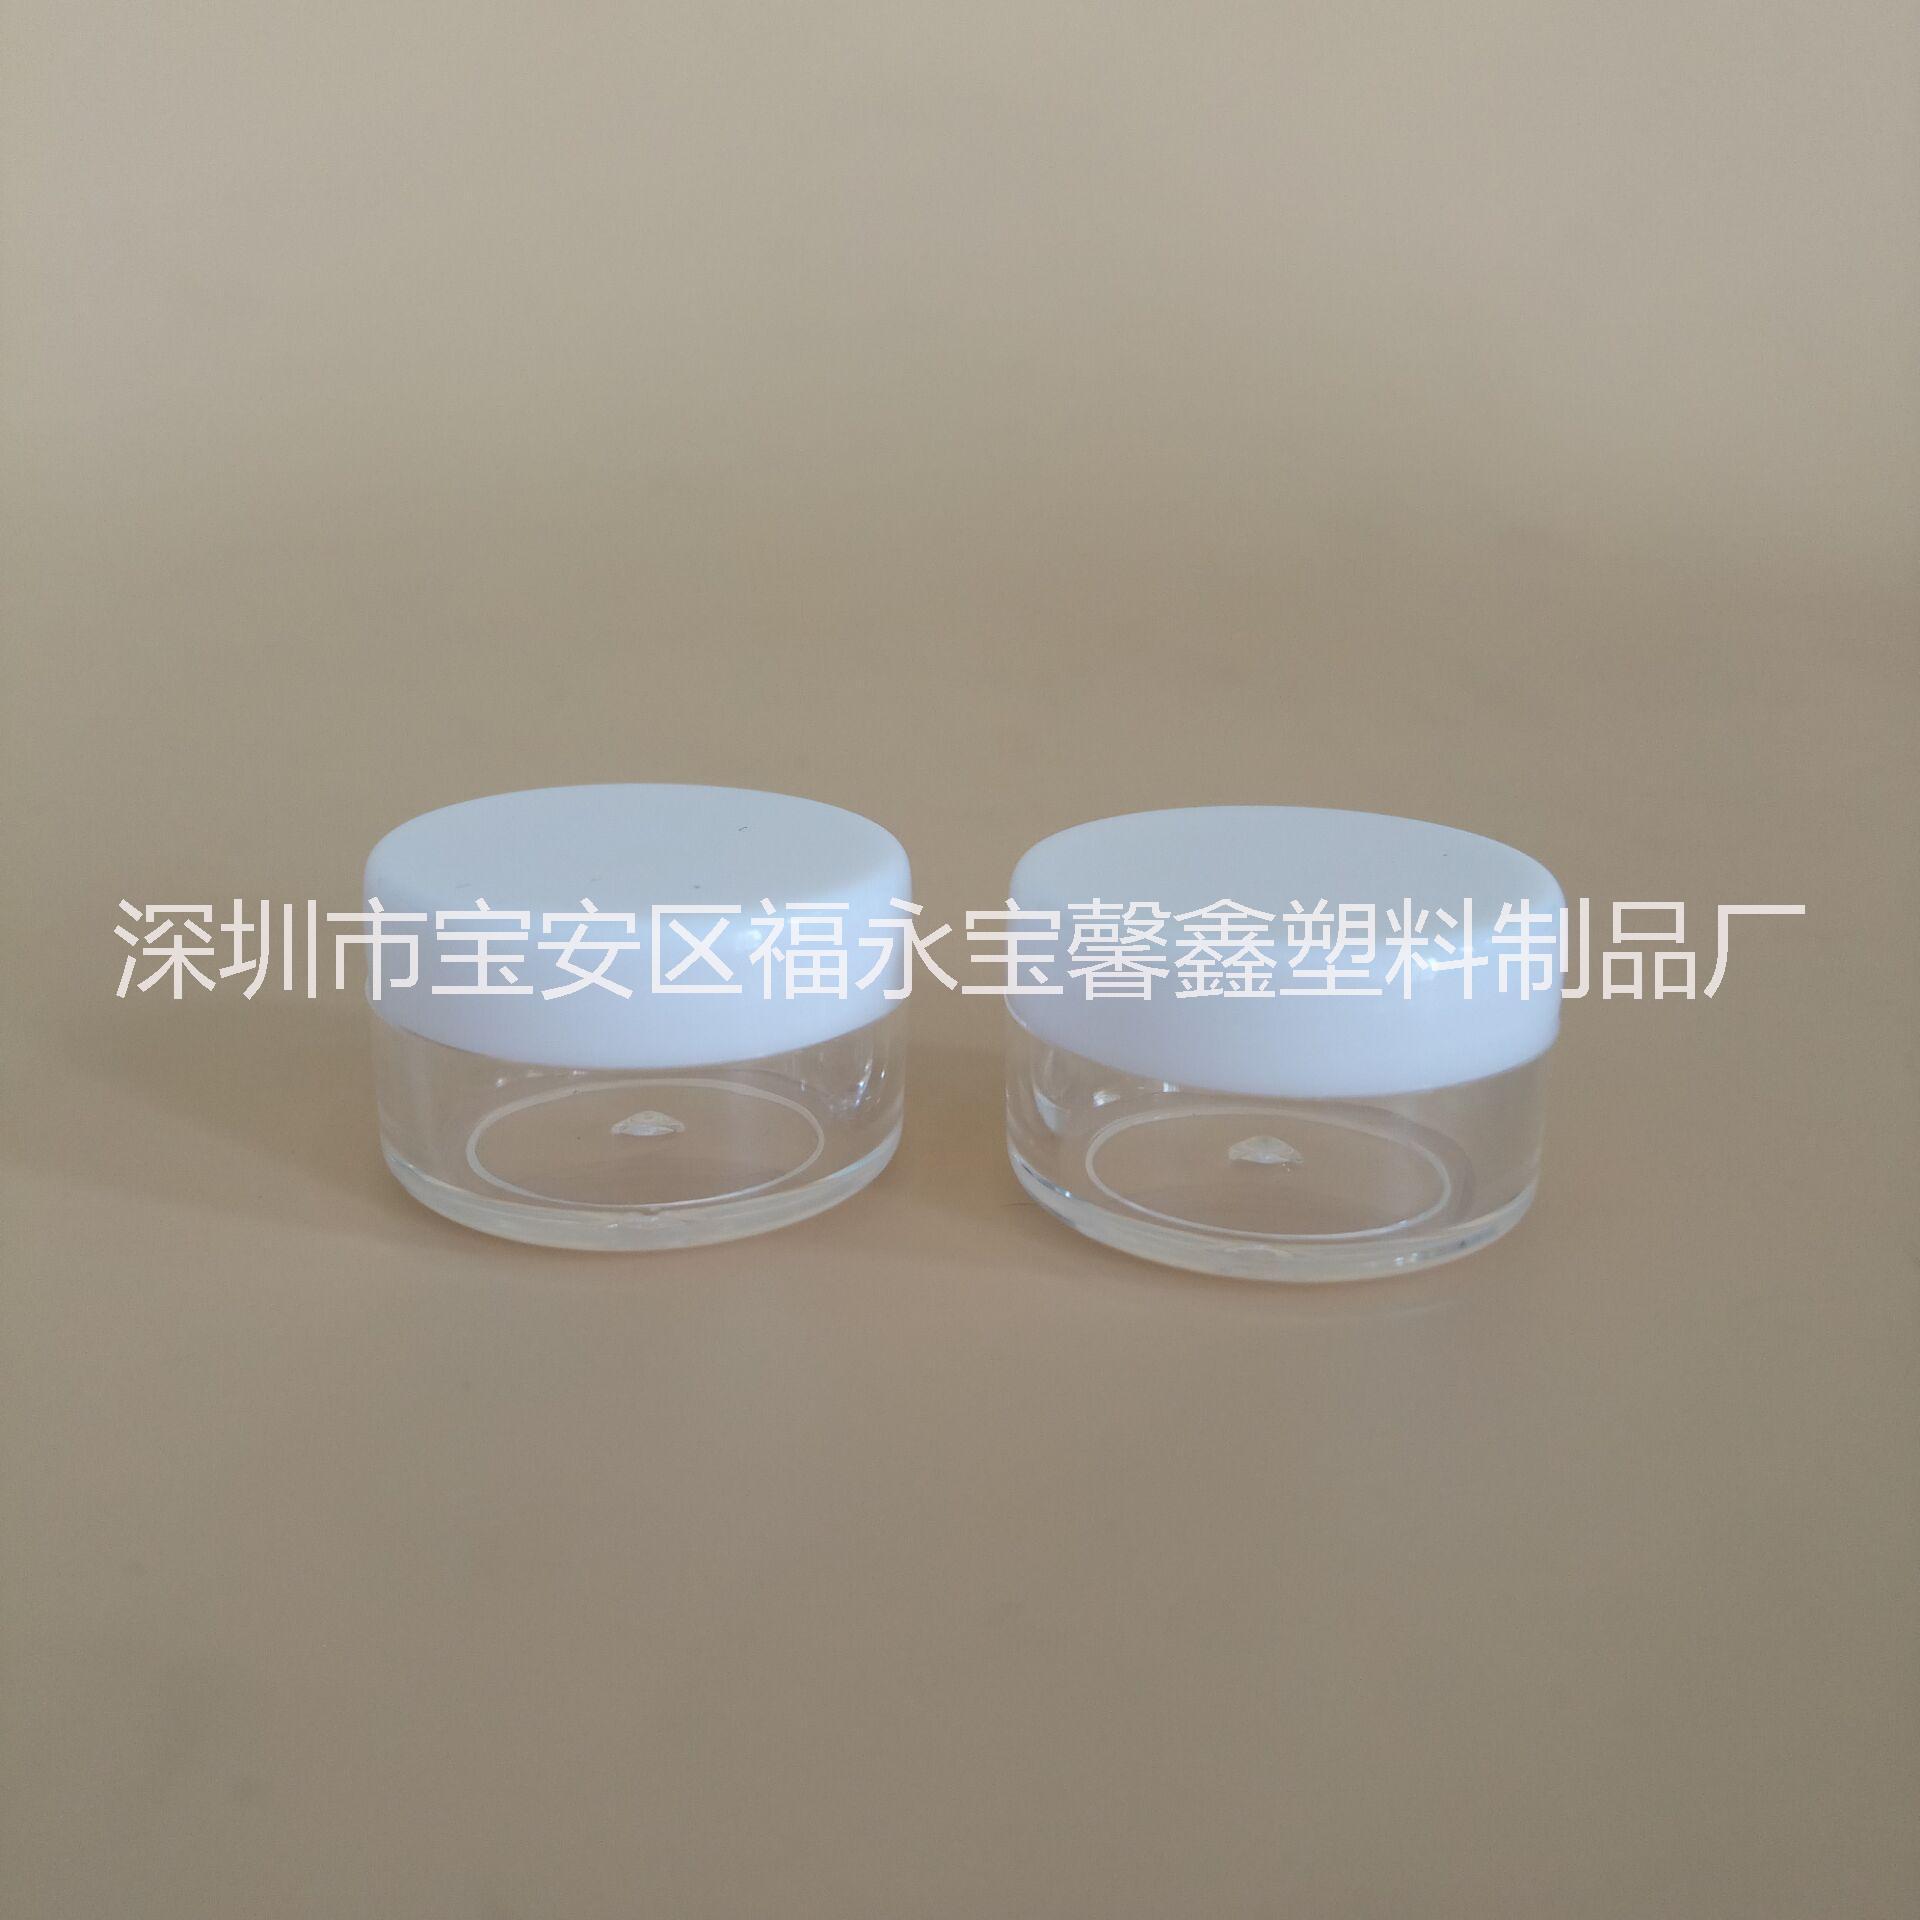 化妆品塑料瓶子5克金粉盒膏霜分装瓶试用装瓶赠品瓶 PS5圆